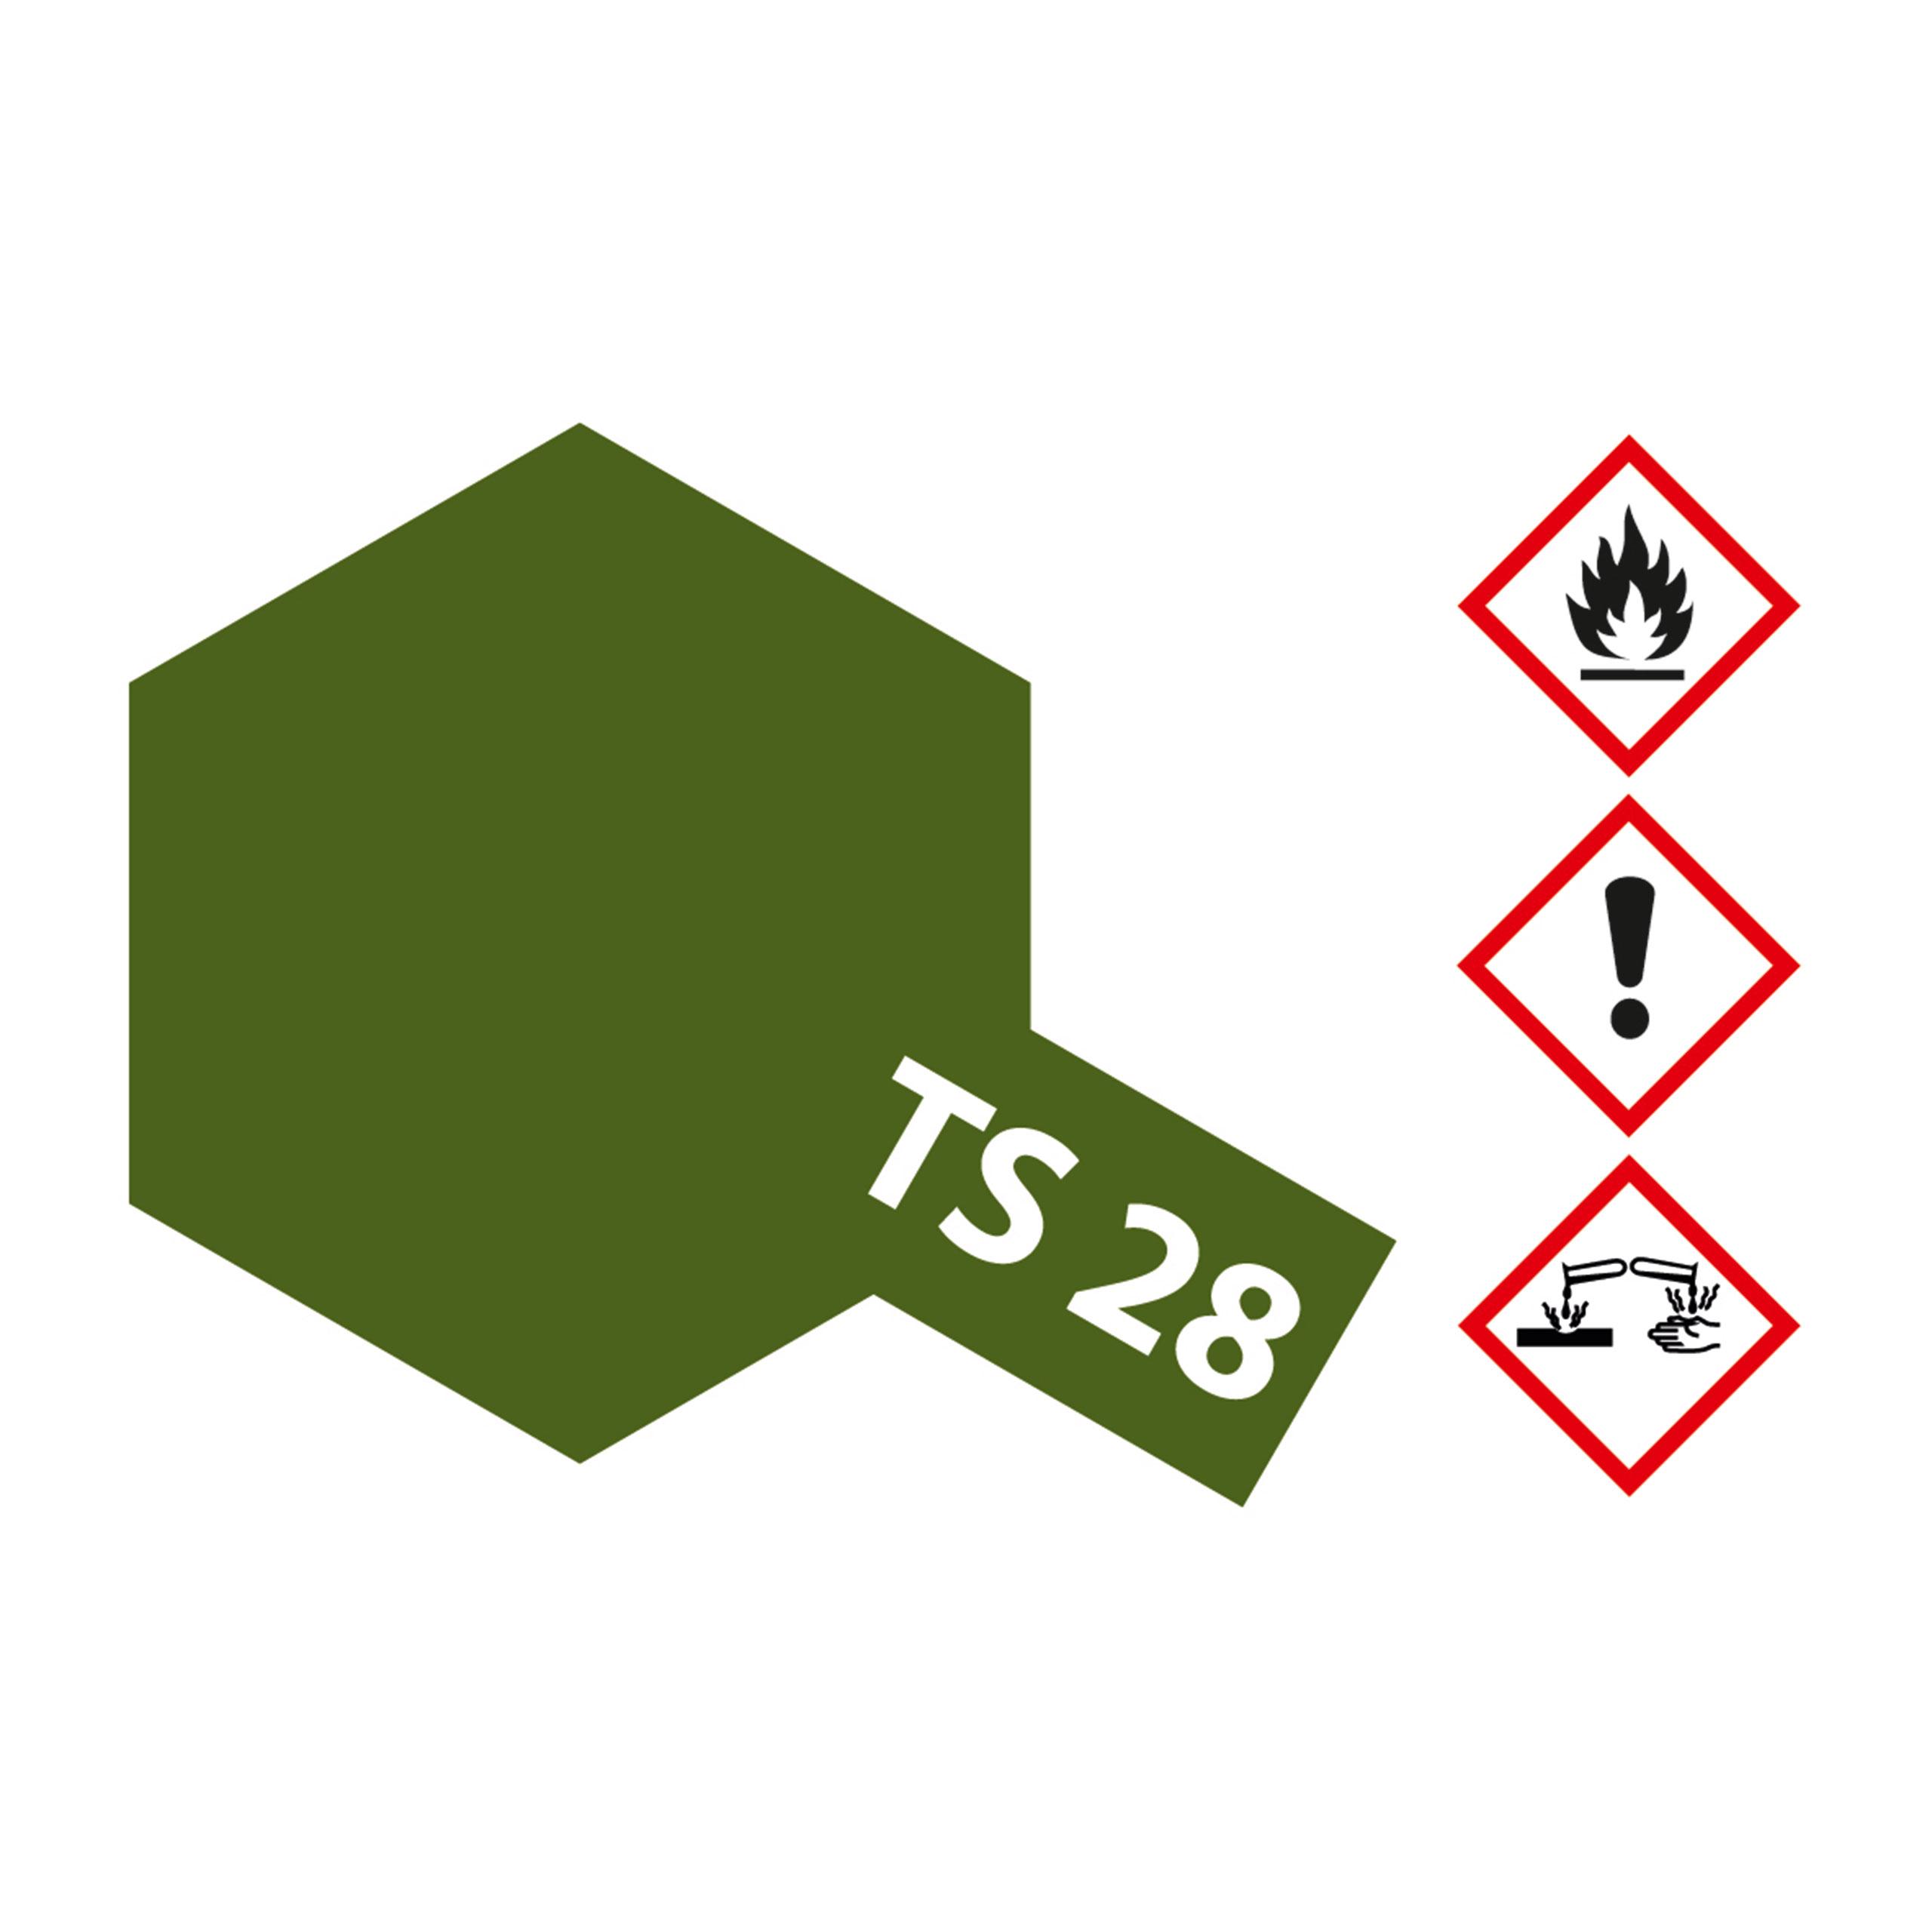 TS-28 Braunoliv2 (Oliv.Drab2) matt - 100ml Sprayfarbe Kunstharz Tamiya 300085028